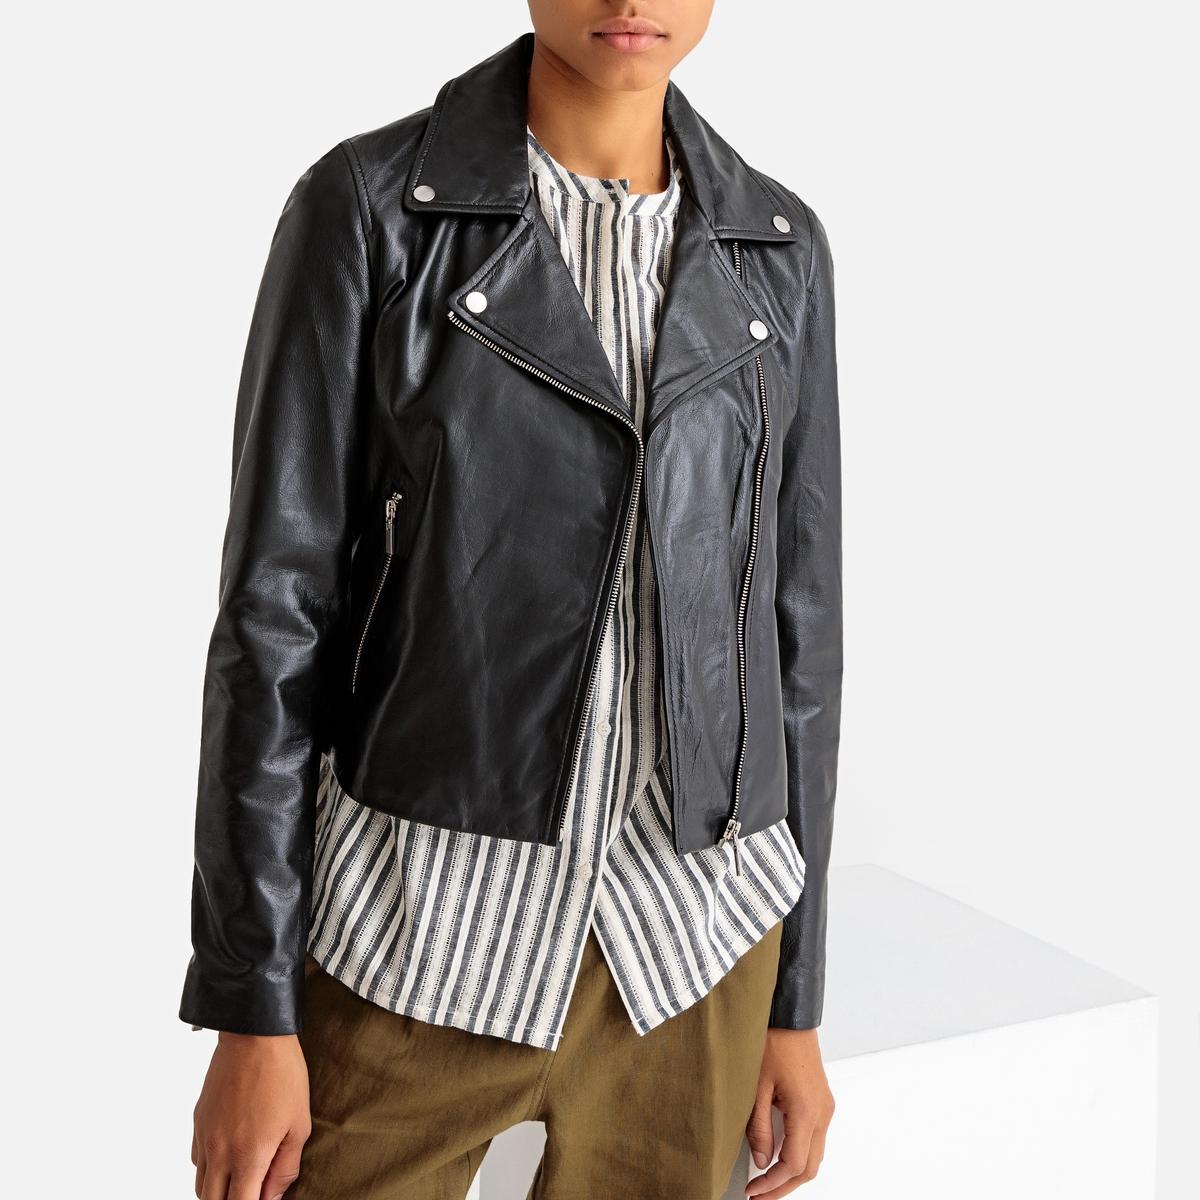 Куртка La Redoute Кожаная приталенного покроя в байкерском стиле 34 (FR) - 40 (RUS) черный блузон la redoute в байкерском стиле ozone s черный